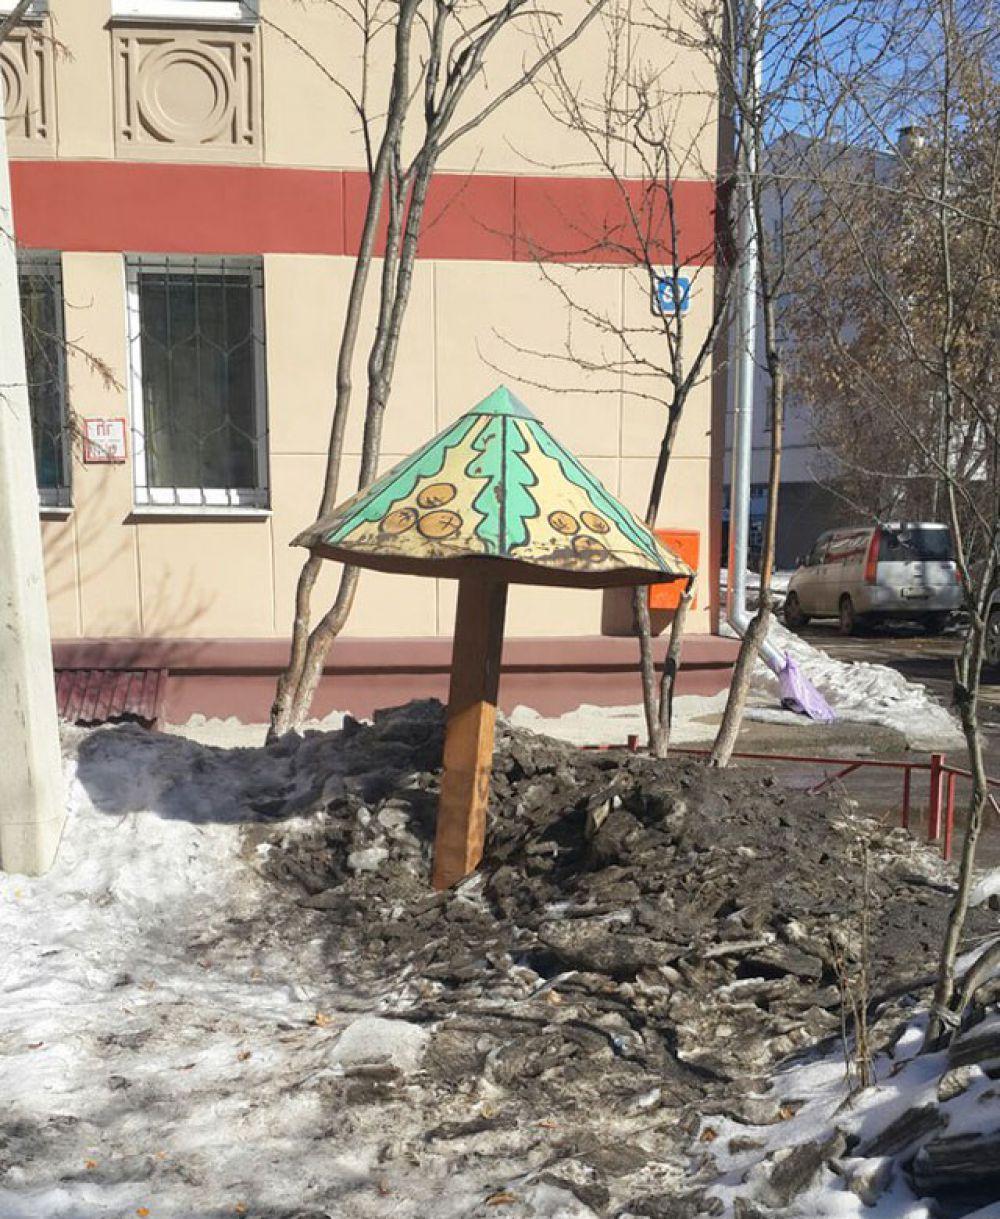 Количества снега, лежащего во дворах, хватит, чтобы обеспечить жителям близлежащих домов весенне-летнюю борьбу с сыростью и невыводимой пылью.